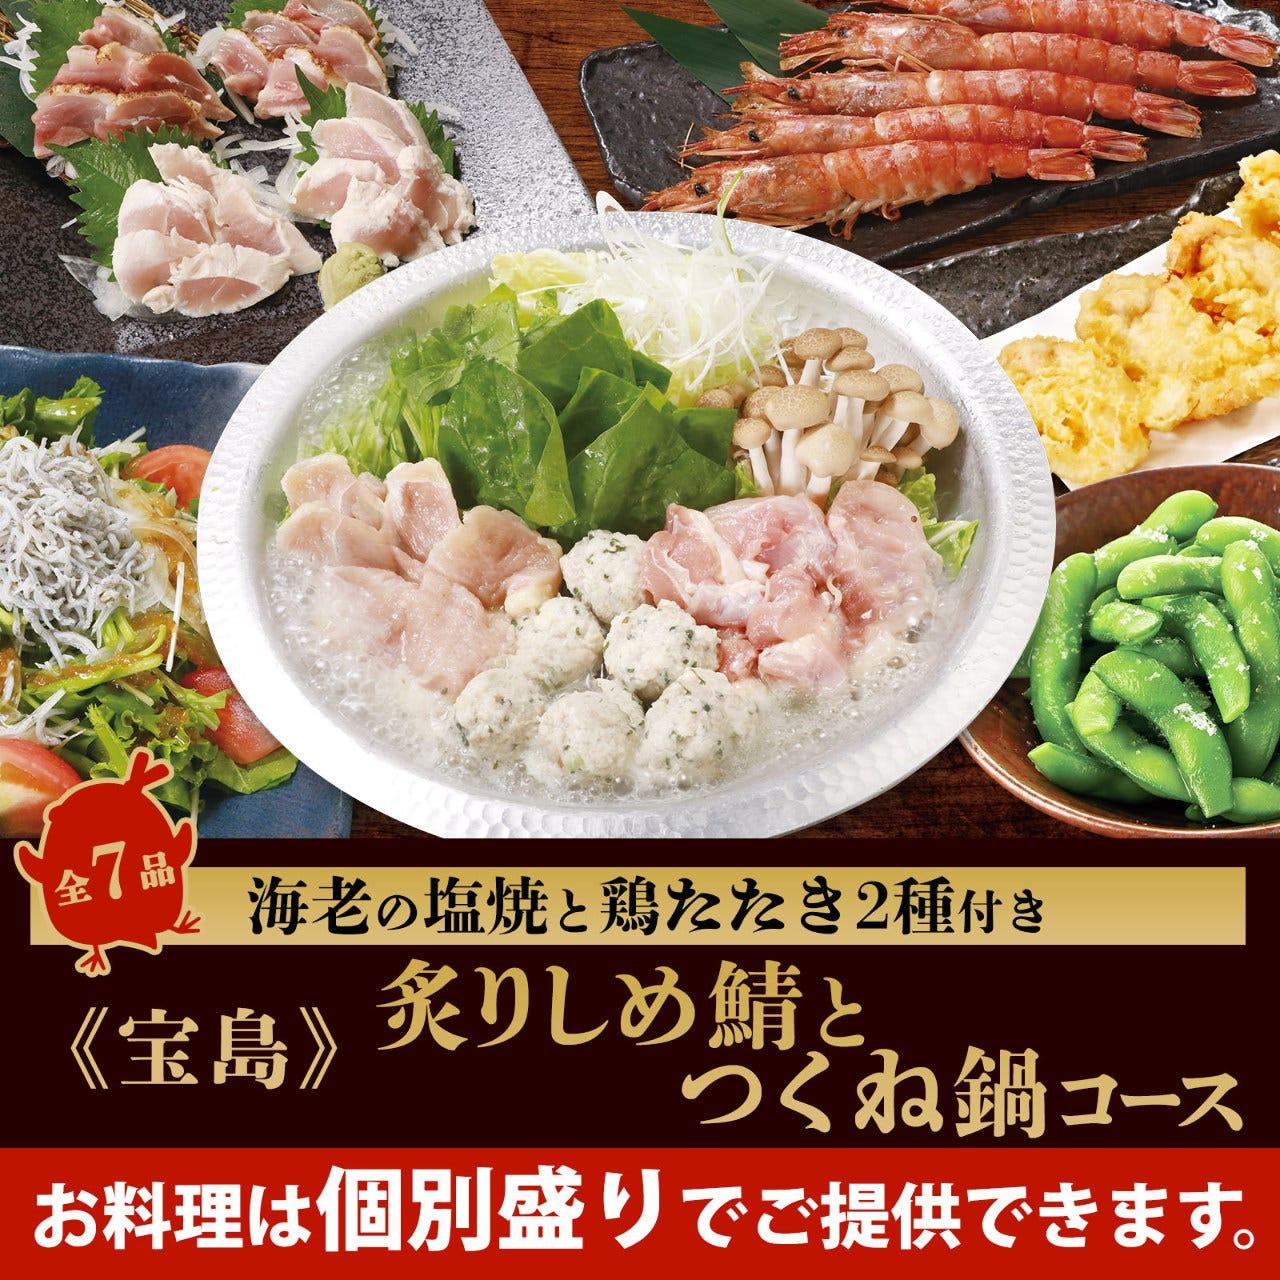 《宝島》長崎県産炙りしめ鯖と地どりつくね鍋のコース【7品】